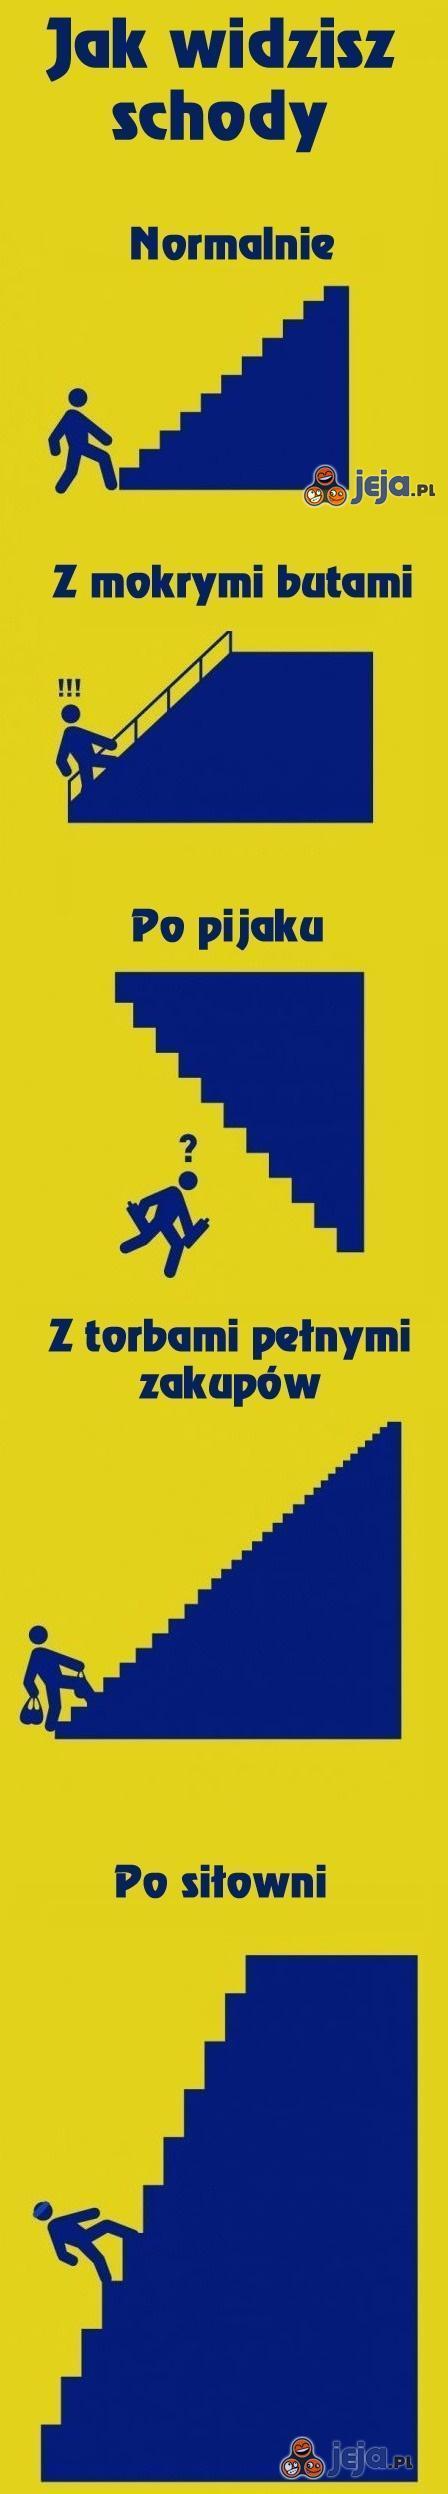 Postrzeganie schodów